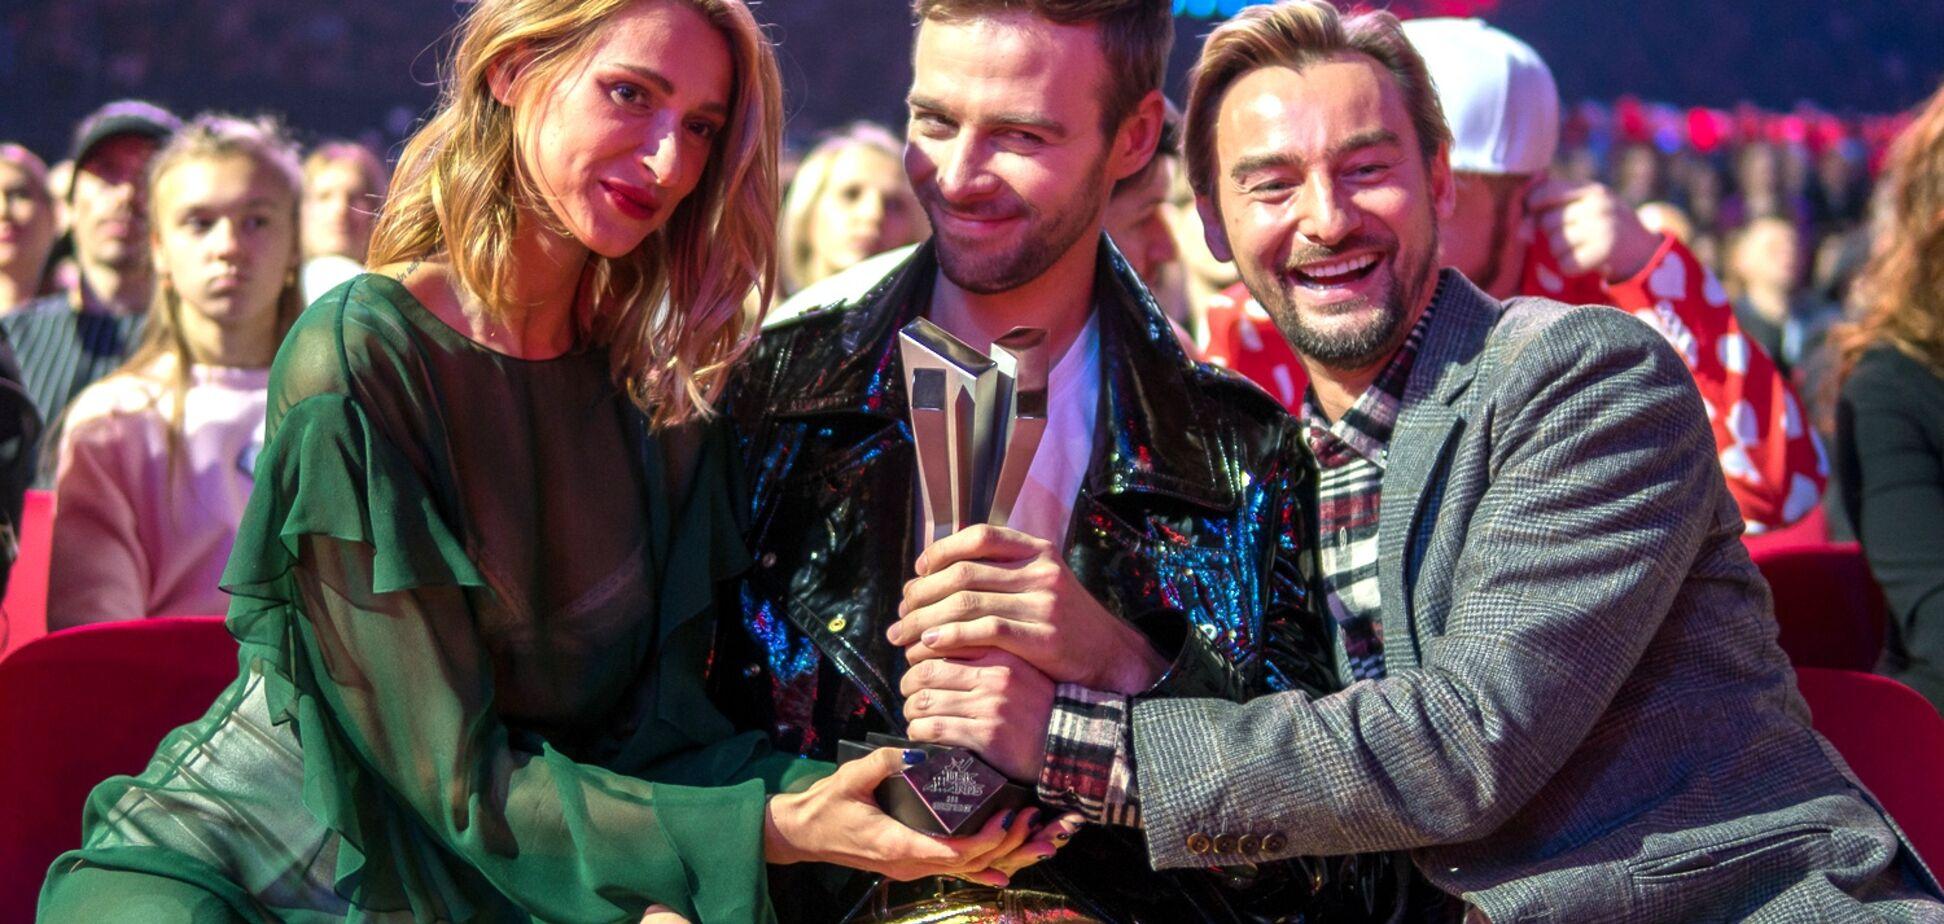 Трикутник M1 Music Awards: скандал навколо премії і чому 'на манежі все ті ж'